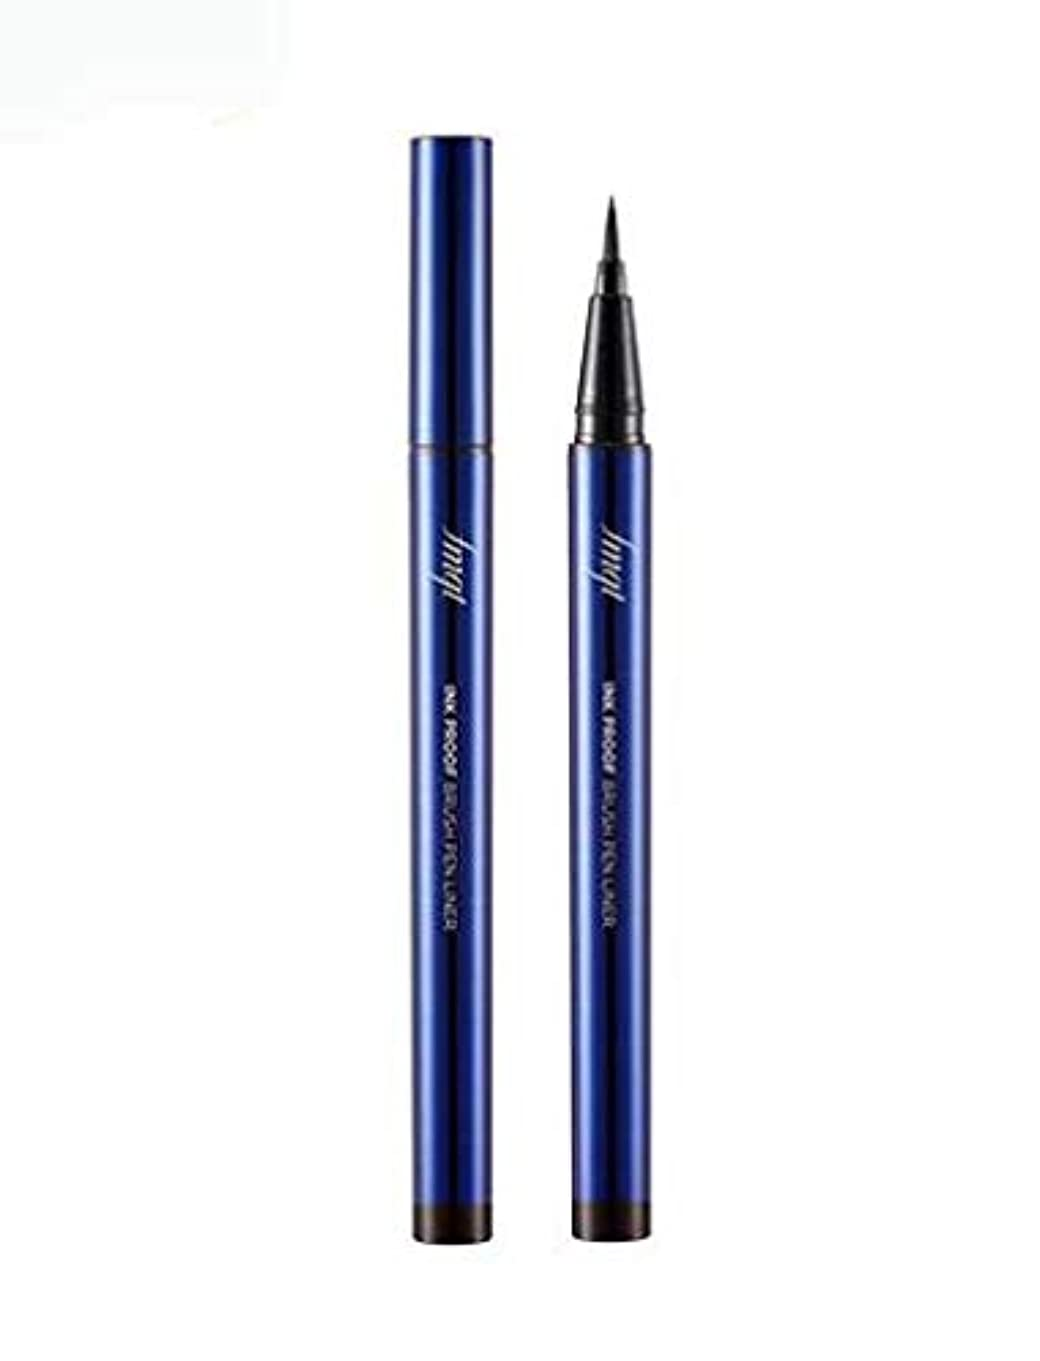 エラーアーティスト湿原[ザ?フェイスショップ] THE FACE SHOP [インク プルーフ ブラシ ペン ライナー 0.5g] Ink Proof Brush Pen Liner 0.5g [海外直送品] (#01. Black)